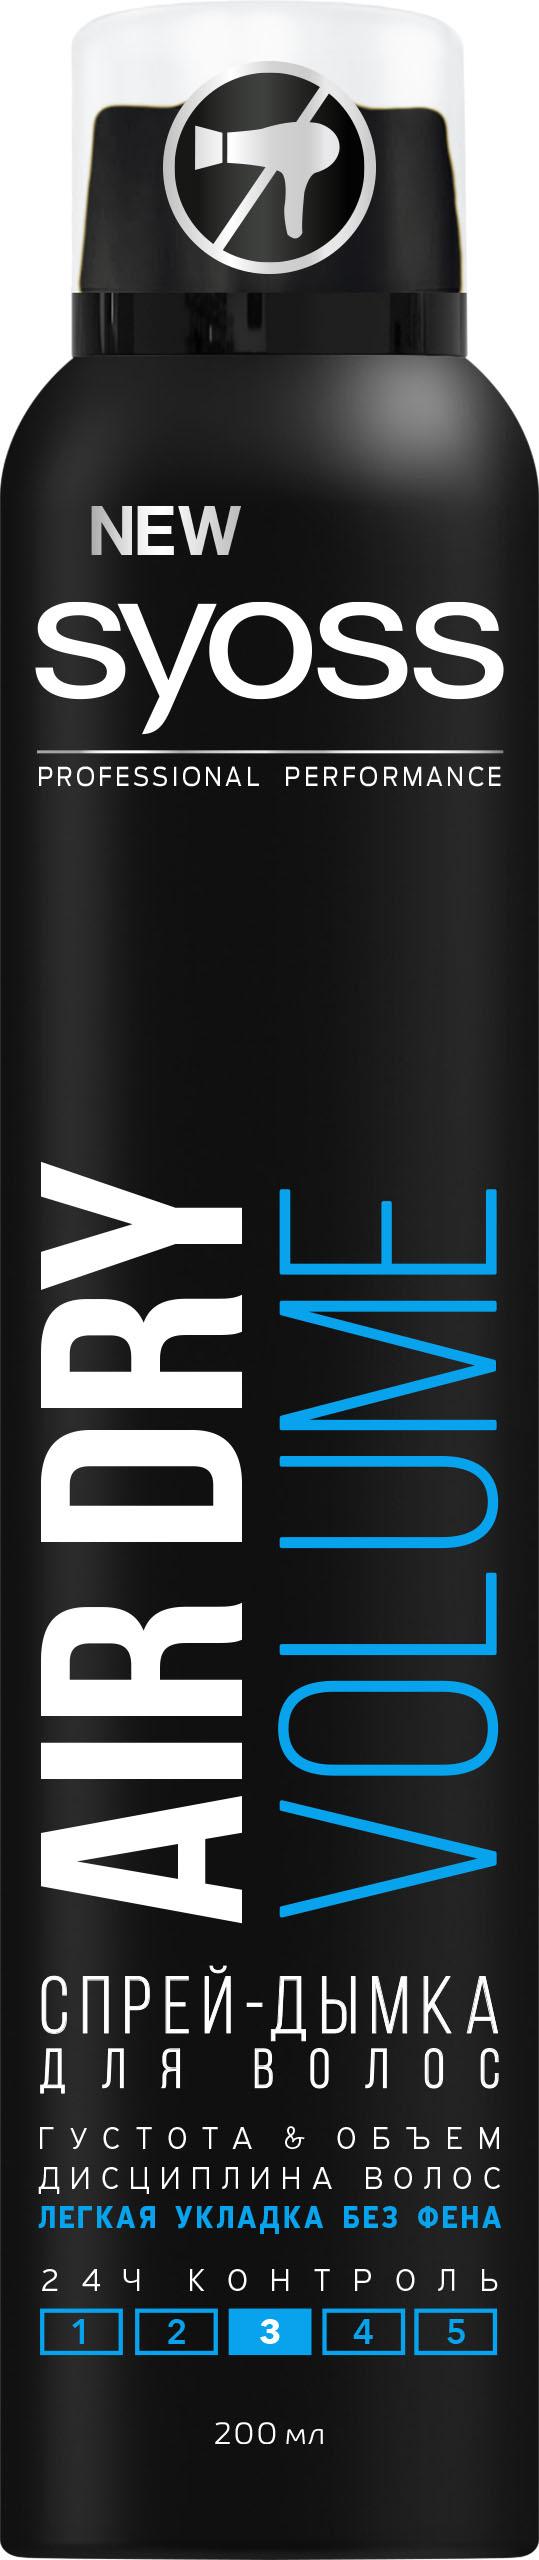 Syoss Air Dry Volume Густота & Объем спрей-дымка для волос2241966ГУСТОТА & ОБЪЕМ ДИСЦИПЛИНА ВОЛОС ЛЕГКАЯ УКЛАДКА БЕЗ ФЕНА 24 ЧАСА КОНТРОЛЬВоздушный объем и эластичность волос под контролем на 24 часа Без «пушащихся» волос Без липкого эффекта Естественная подвижность волос Легко удаляется при расчесывании